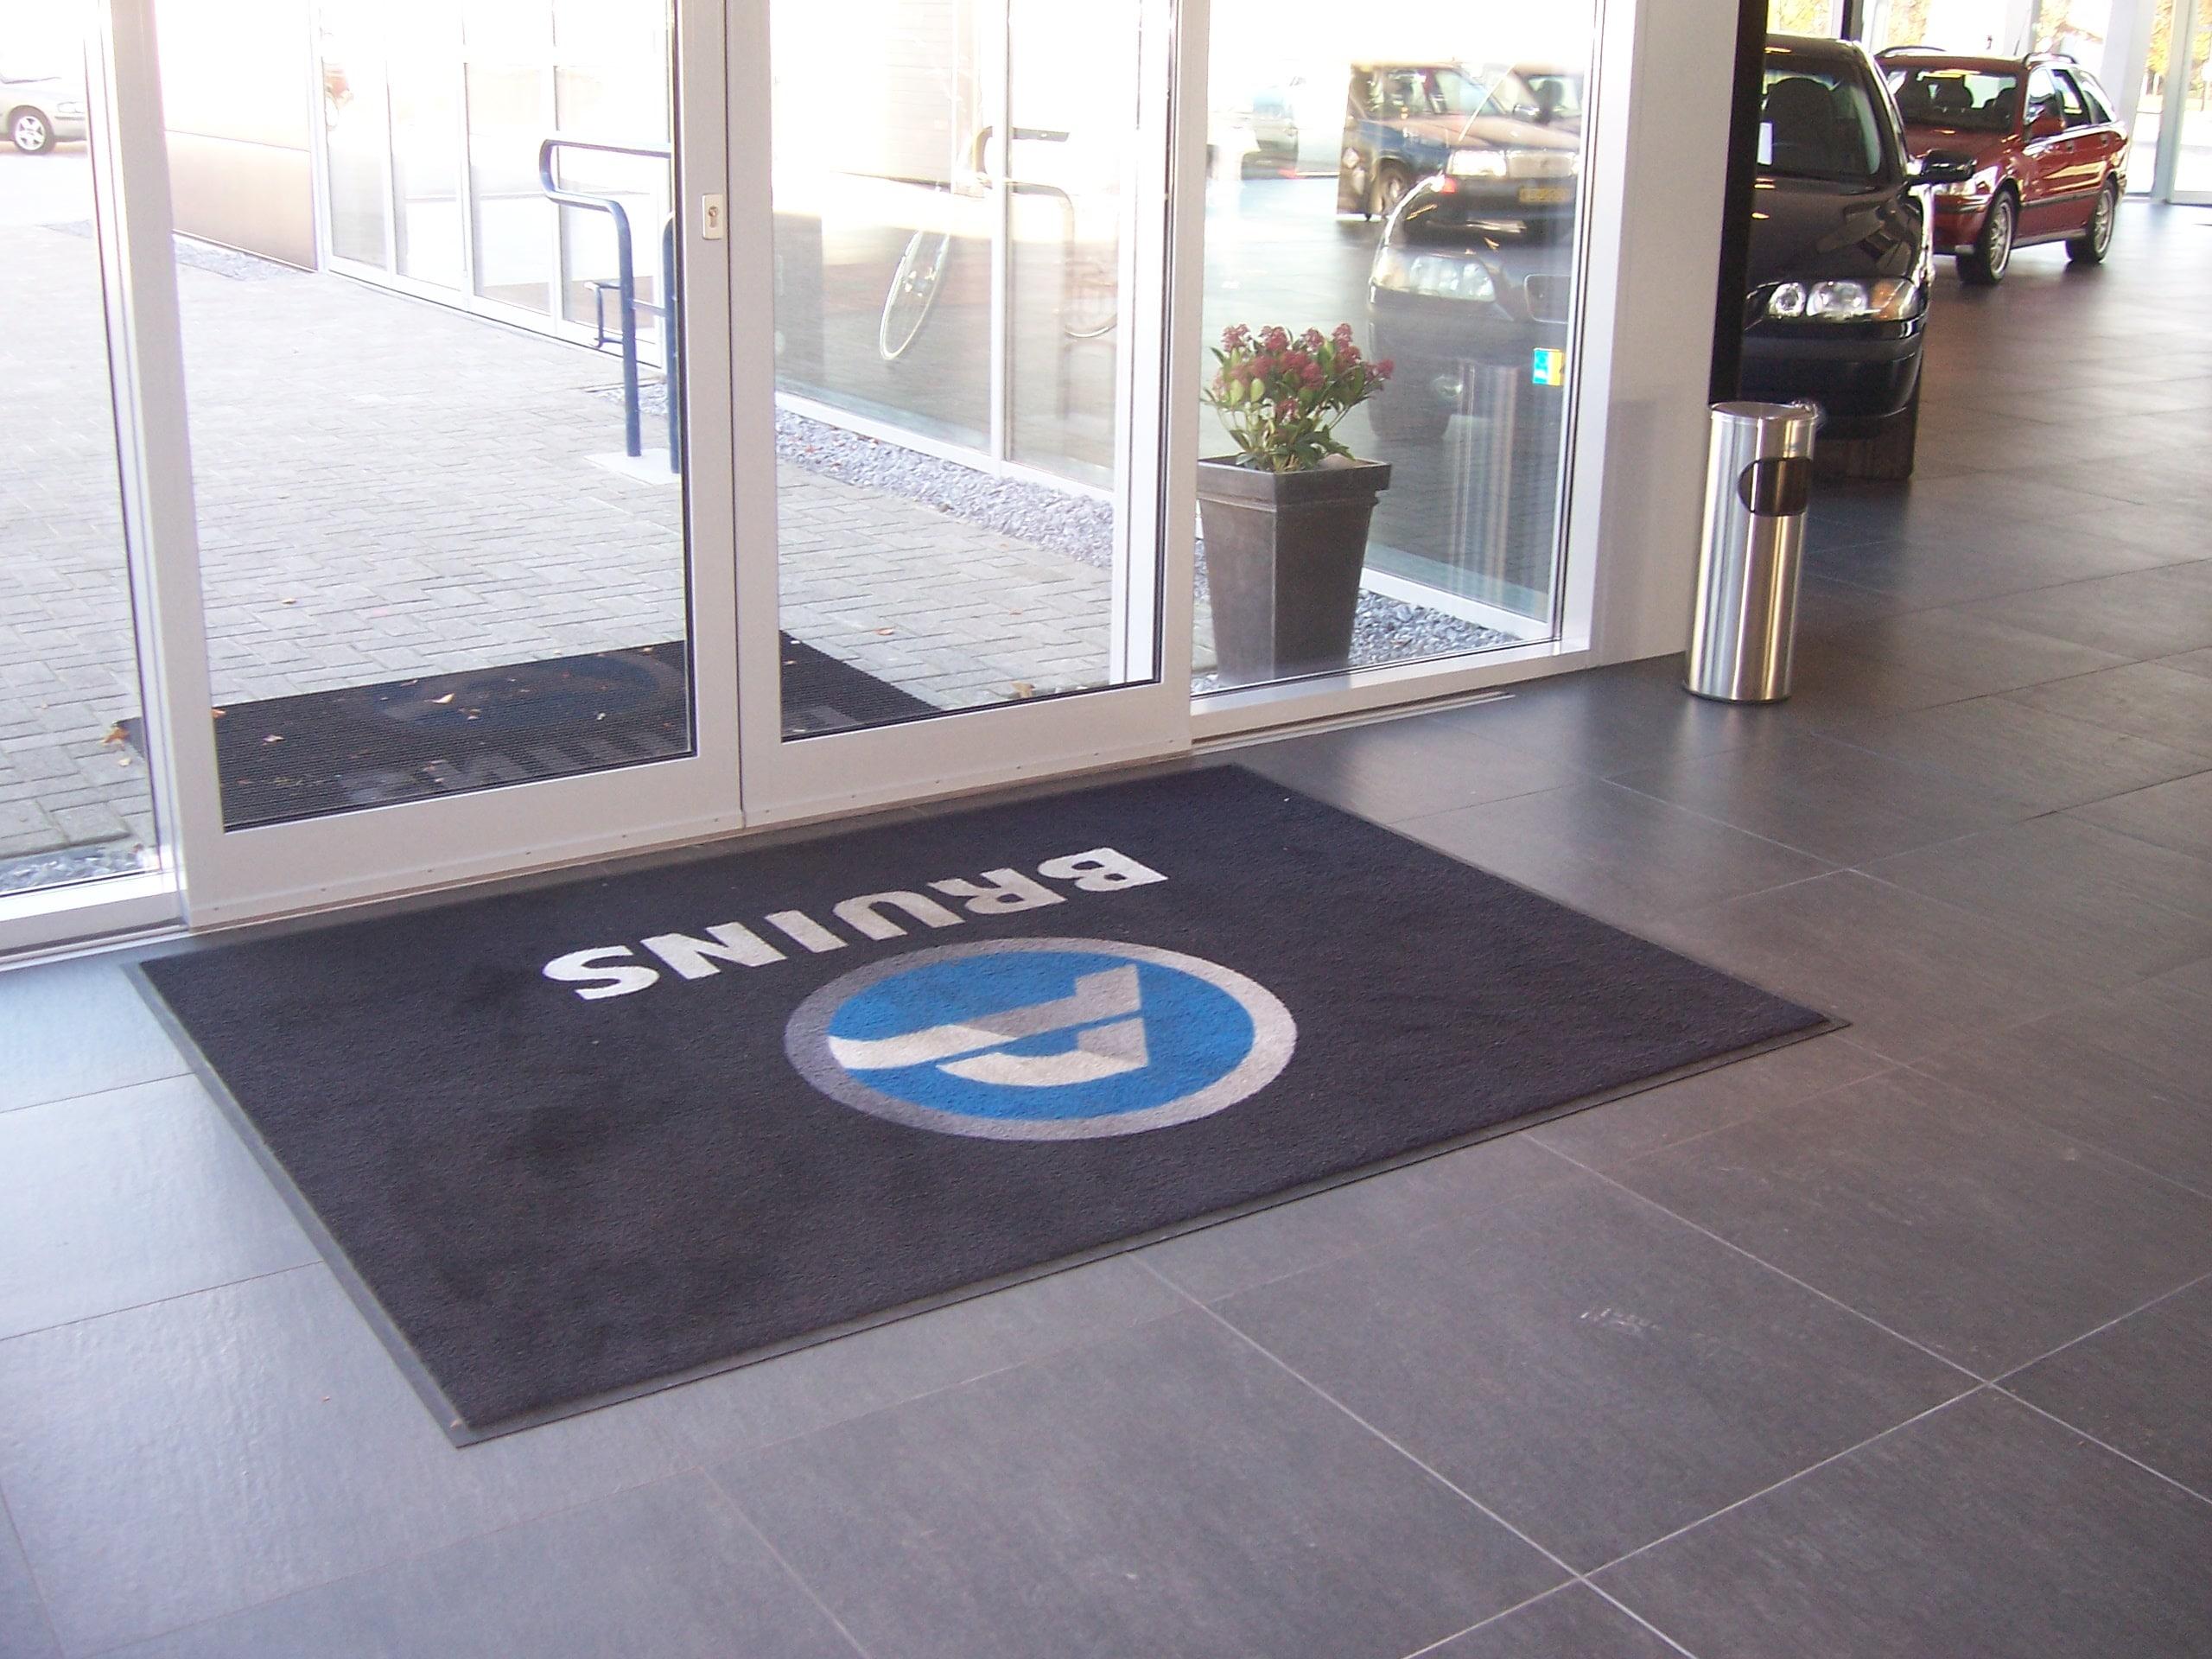 Logomat pro voor Volvo Bruins Hengelo